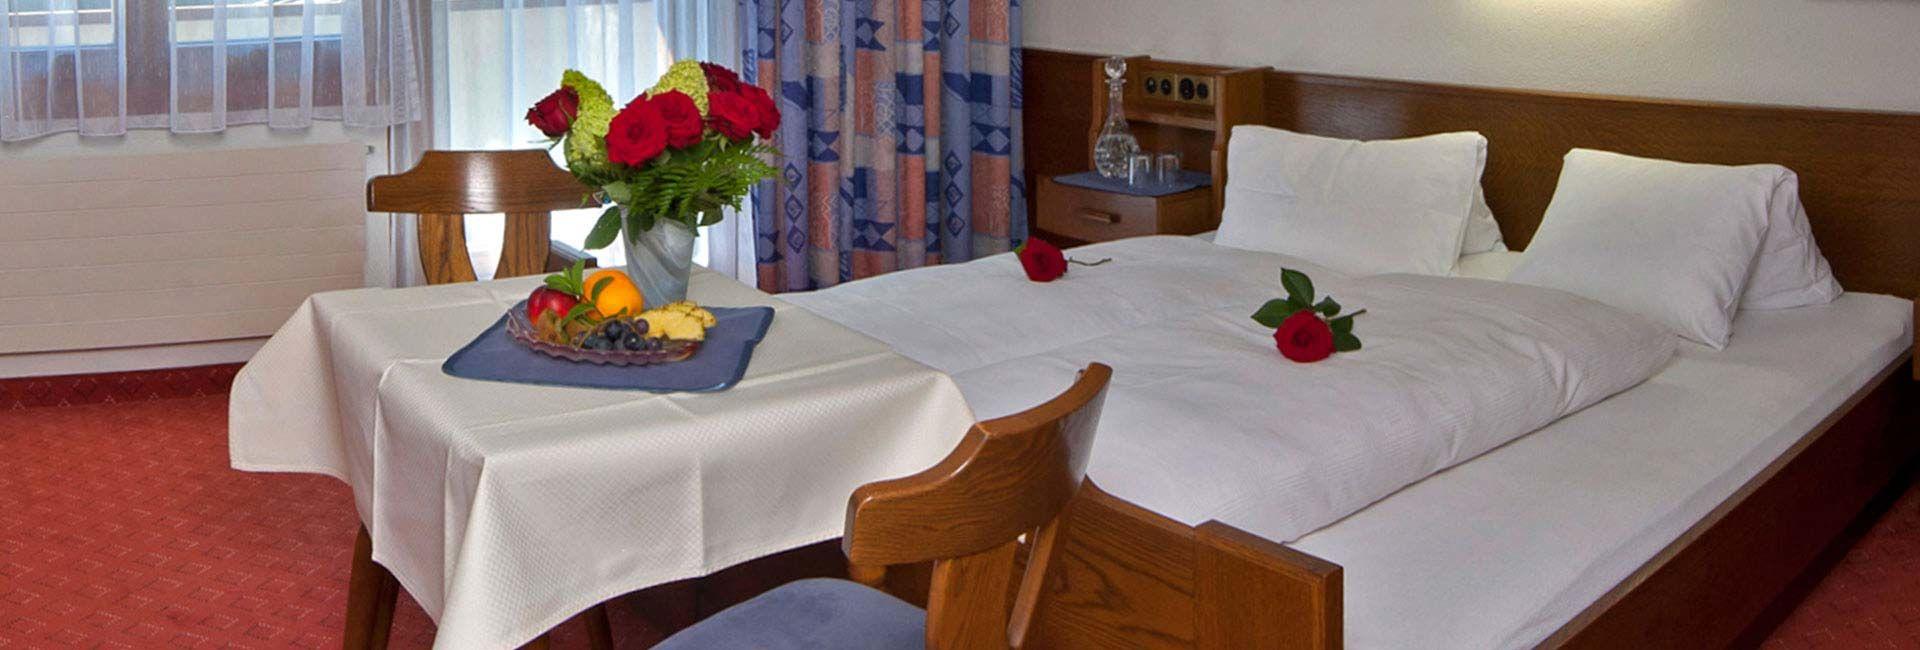 Samnaun Zimmer im Hotel Romantica